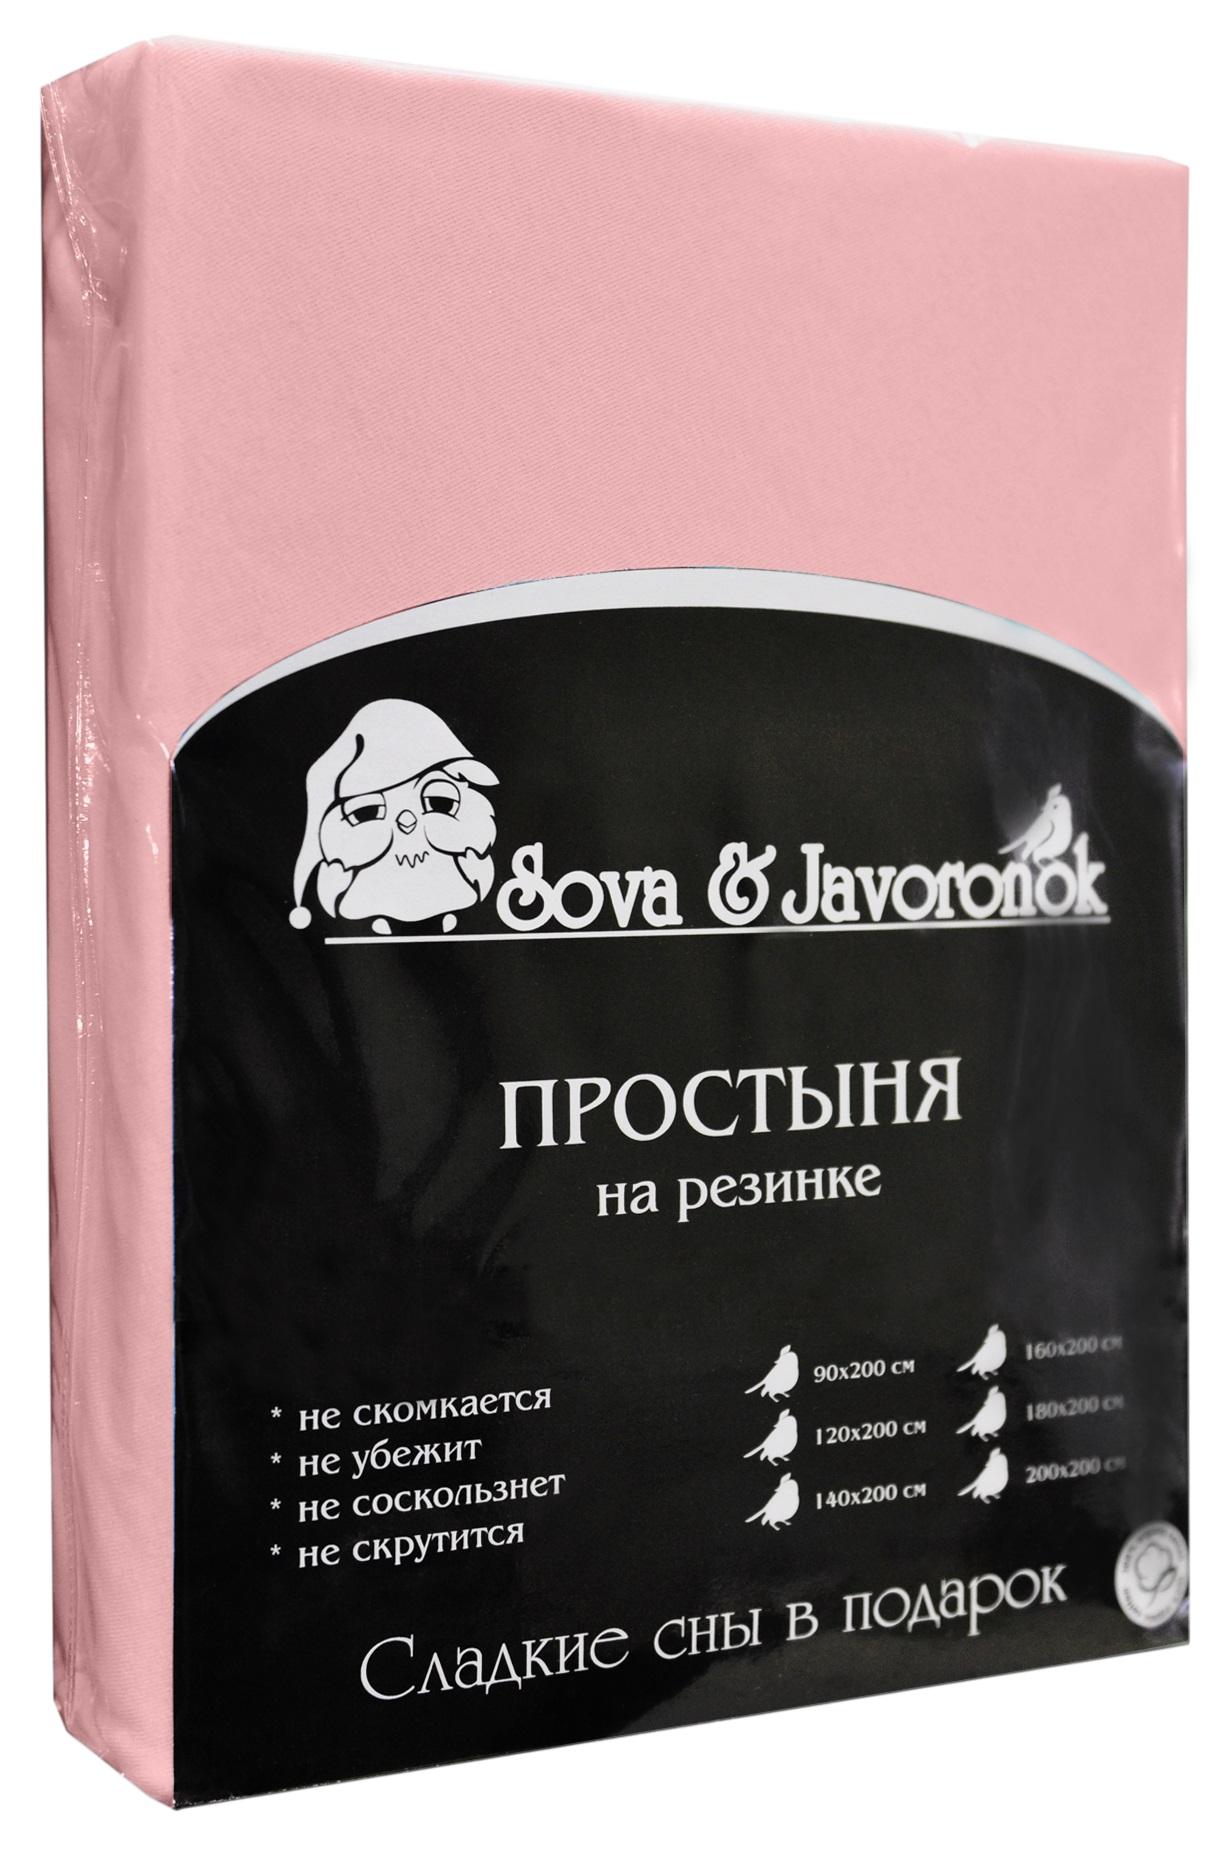 Простыня на резинке Sova & Javoronok, цвет: светло-розовый, 90 х 200 см0803114198Простыня на резинке Sova & Javoronok, изготовленная из трикотажной ткани (100% хлопок), будет превосходно смотреться с любыми комплектами белья. Хлопчатобумажный трикотаж по праву считается одним из самых качественных, прочных и при этом приятных на ощупь. Его гигиеничность позволяет использовать простыню и в детских комнатах, к тому же 100%-ый хлопок в составе ткани не вызовет аллергии. У трикотажного полотна очень интересная структура, немного рыхлая за счет отсутствия плотного переплетения нитей и наличия особых петель, благодаря этому простыня Сова и Жаворонок отлично пропускает воздух и способствует его постоянной циркуляции. Поэтому ваша постель будет всегда оставаться свежей. Но главное и, пожалуй, самое известное свойство трикотажа - это его великолепная растяжимость, поэтому эта ткань и была выбрана для натяжной простыни на резинке. Простыня прошита резинкой по всему периметру, что обеспечивает более комфортный отдых, так как она прочно удерживается на матрасе и...